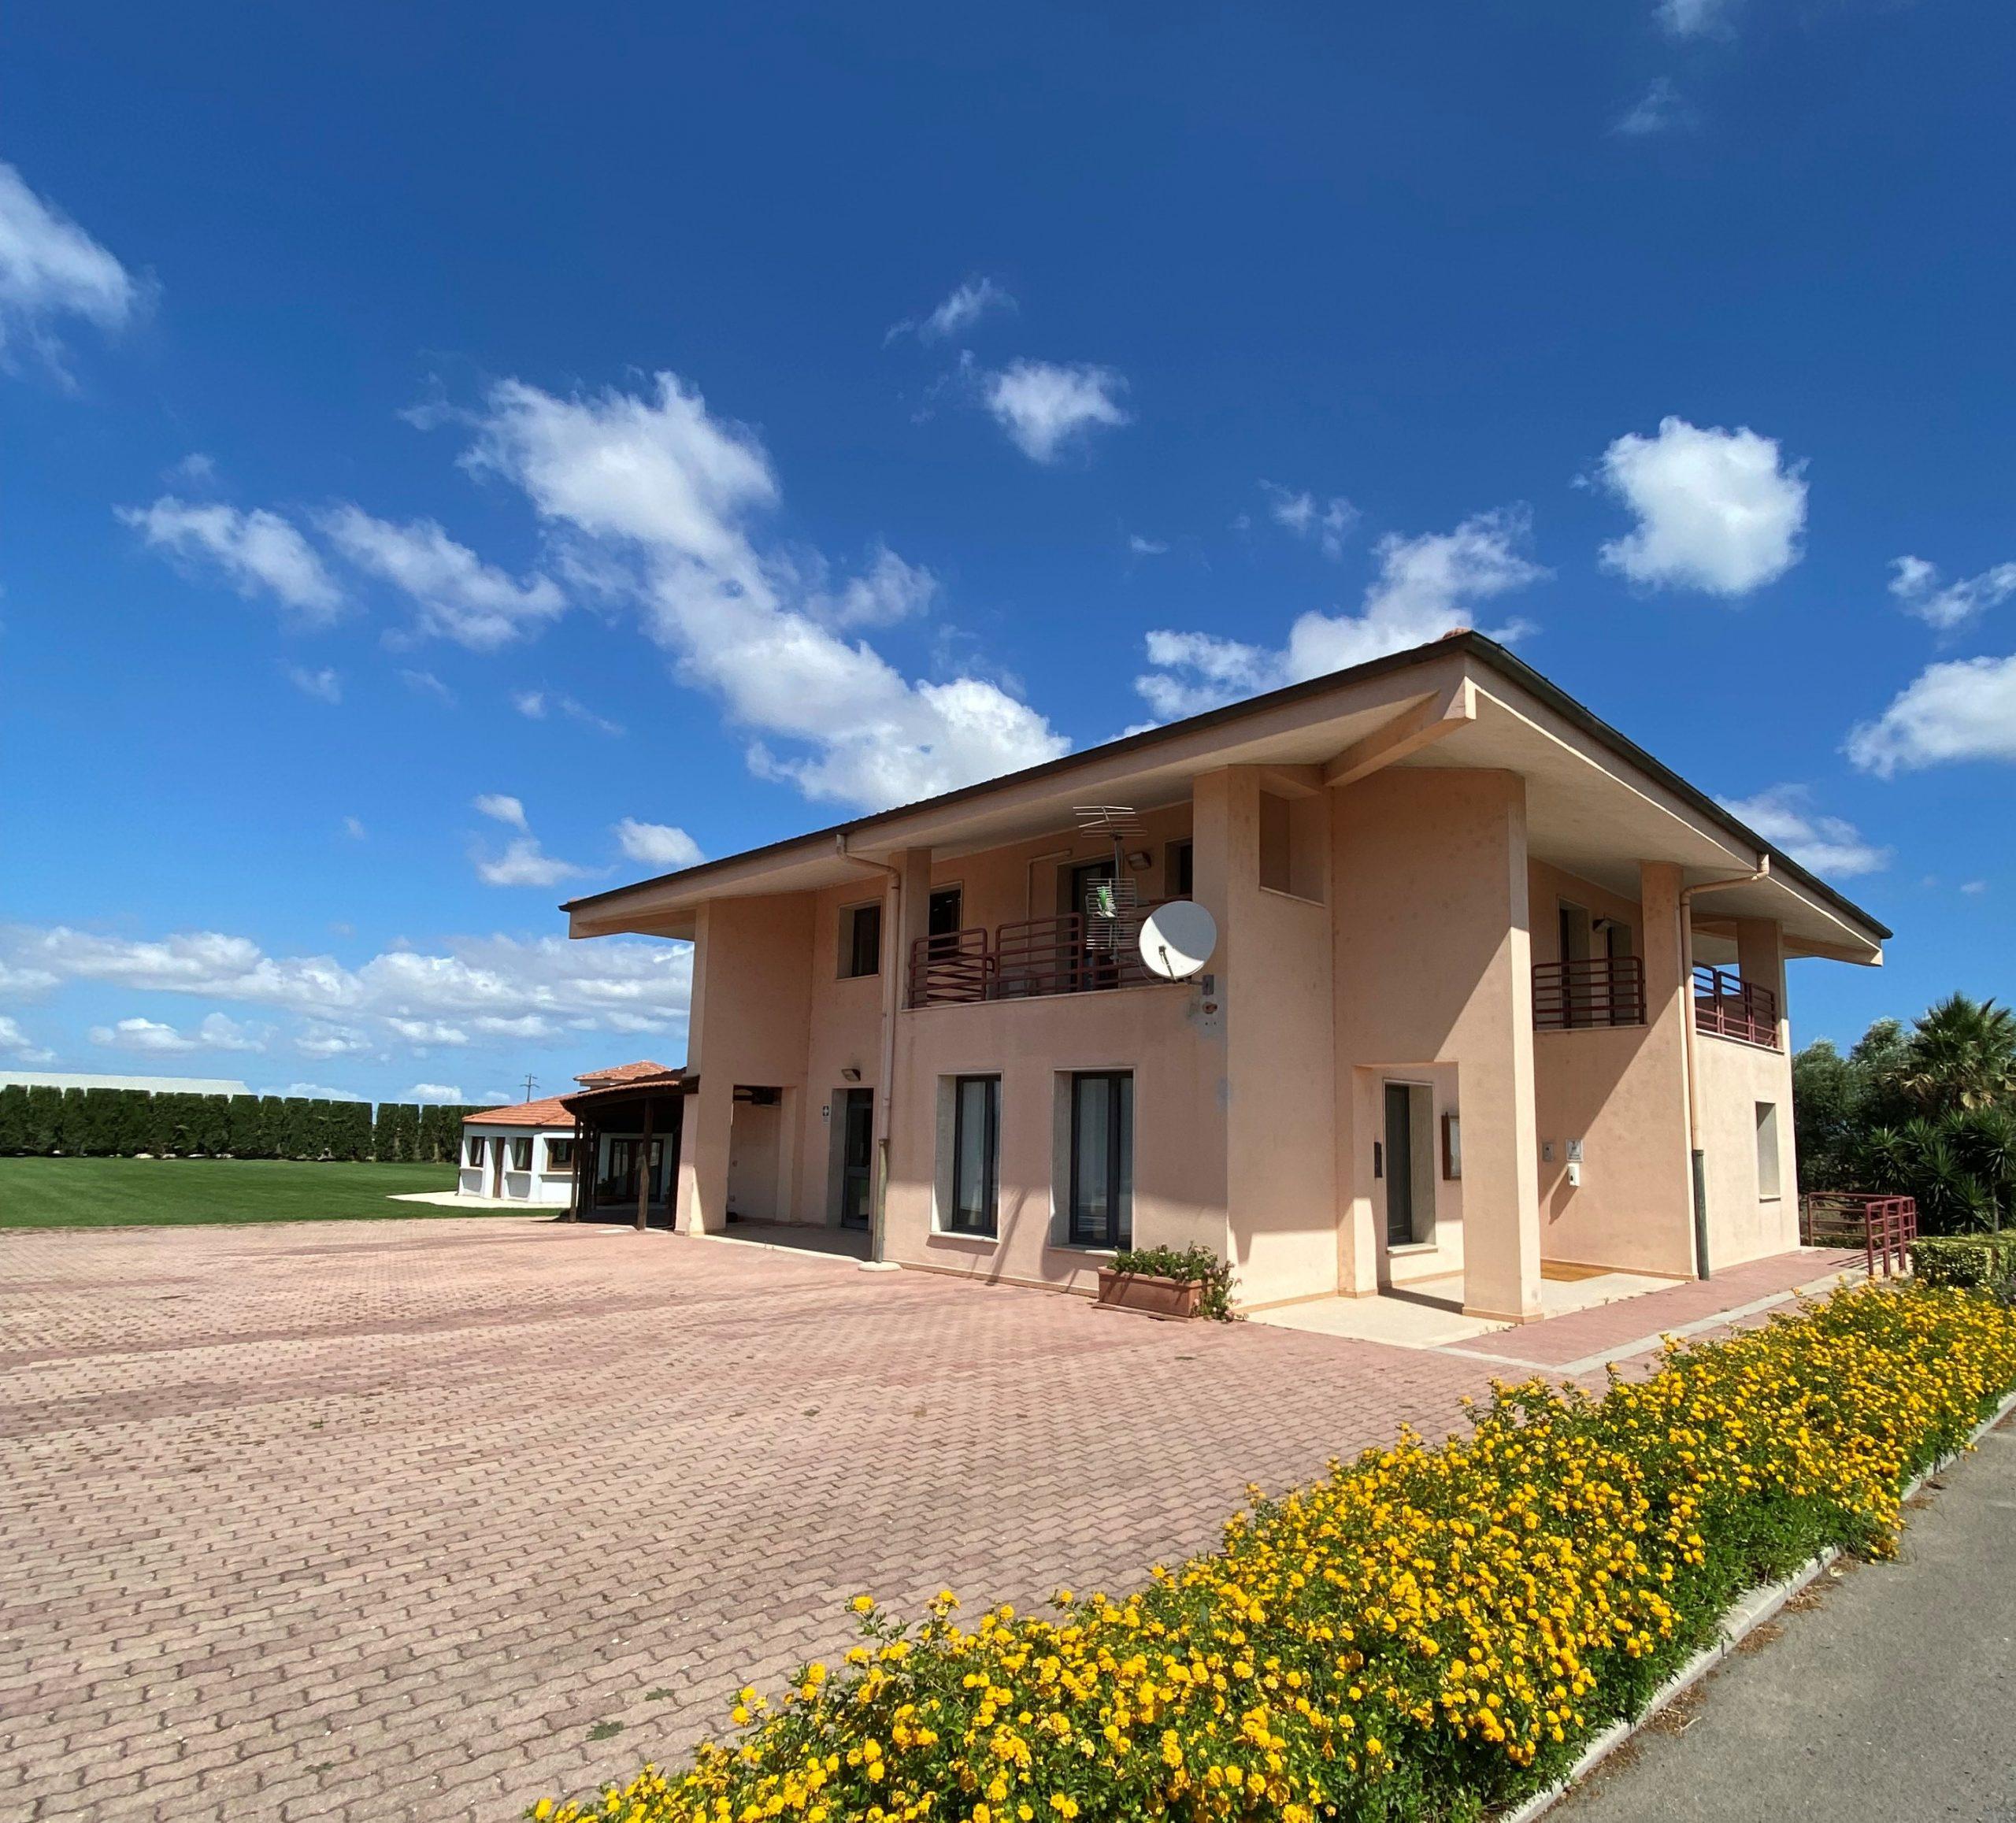 RISULTATO MANIFESTAZIONE DI INTERESSE per l'affidamento della gestione del punto ristoro presso la sede del C.U.S. Sassari